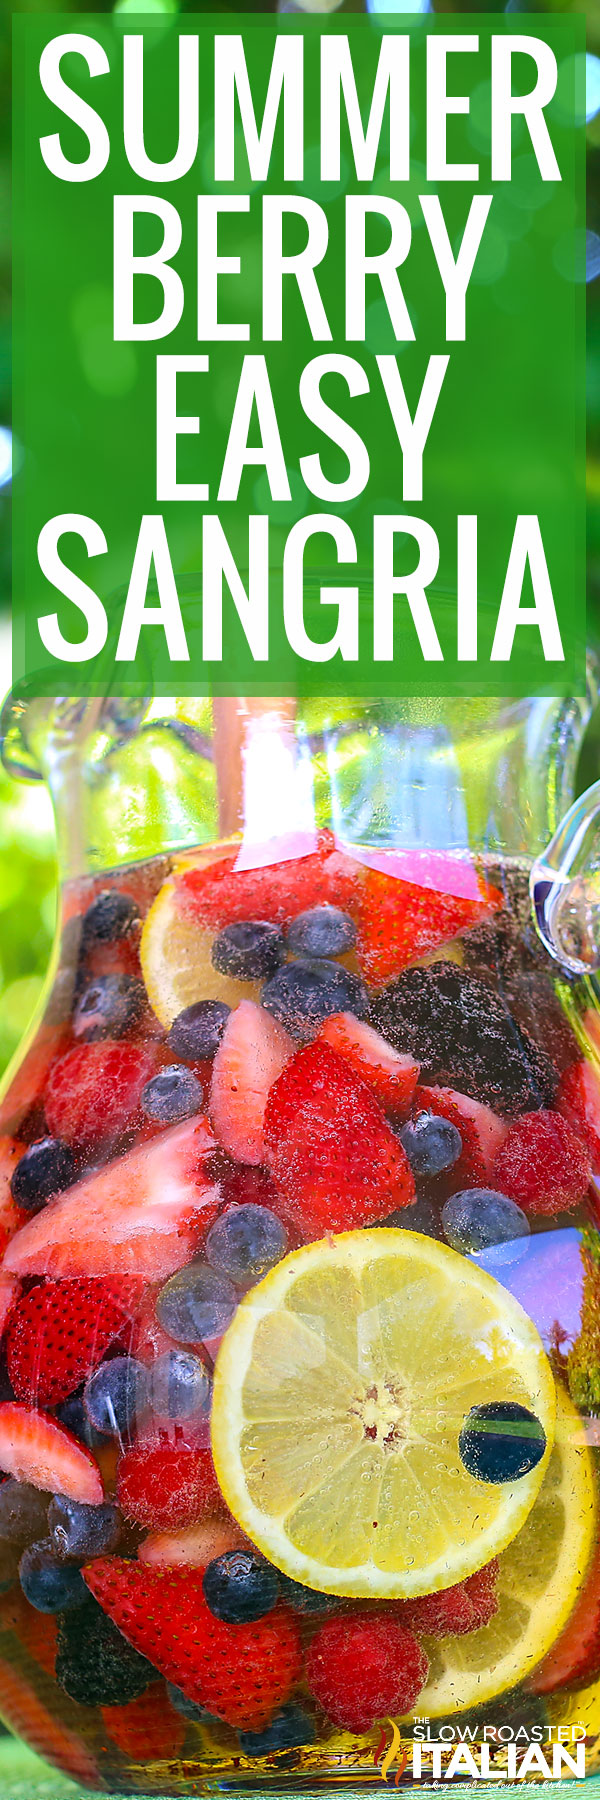 easy sangria recipe closeup